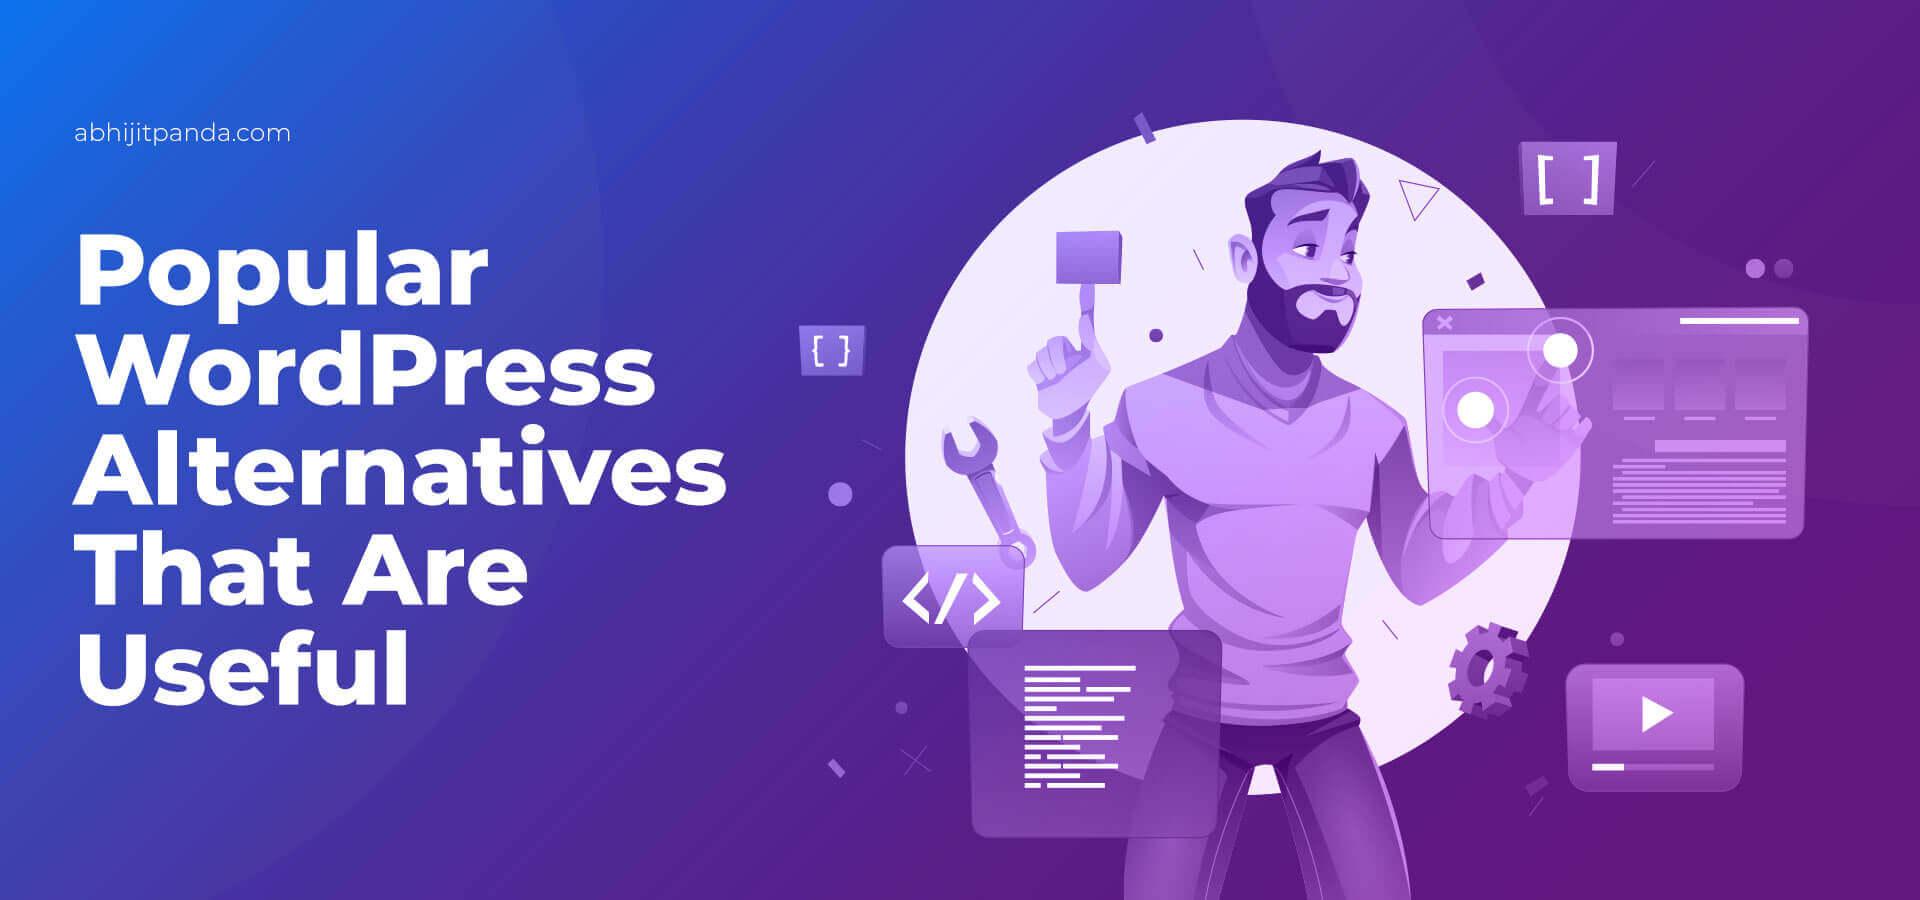 Popular WordPress Alternatives